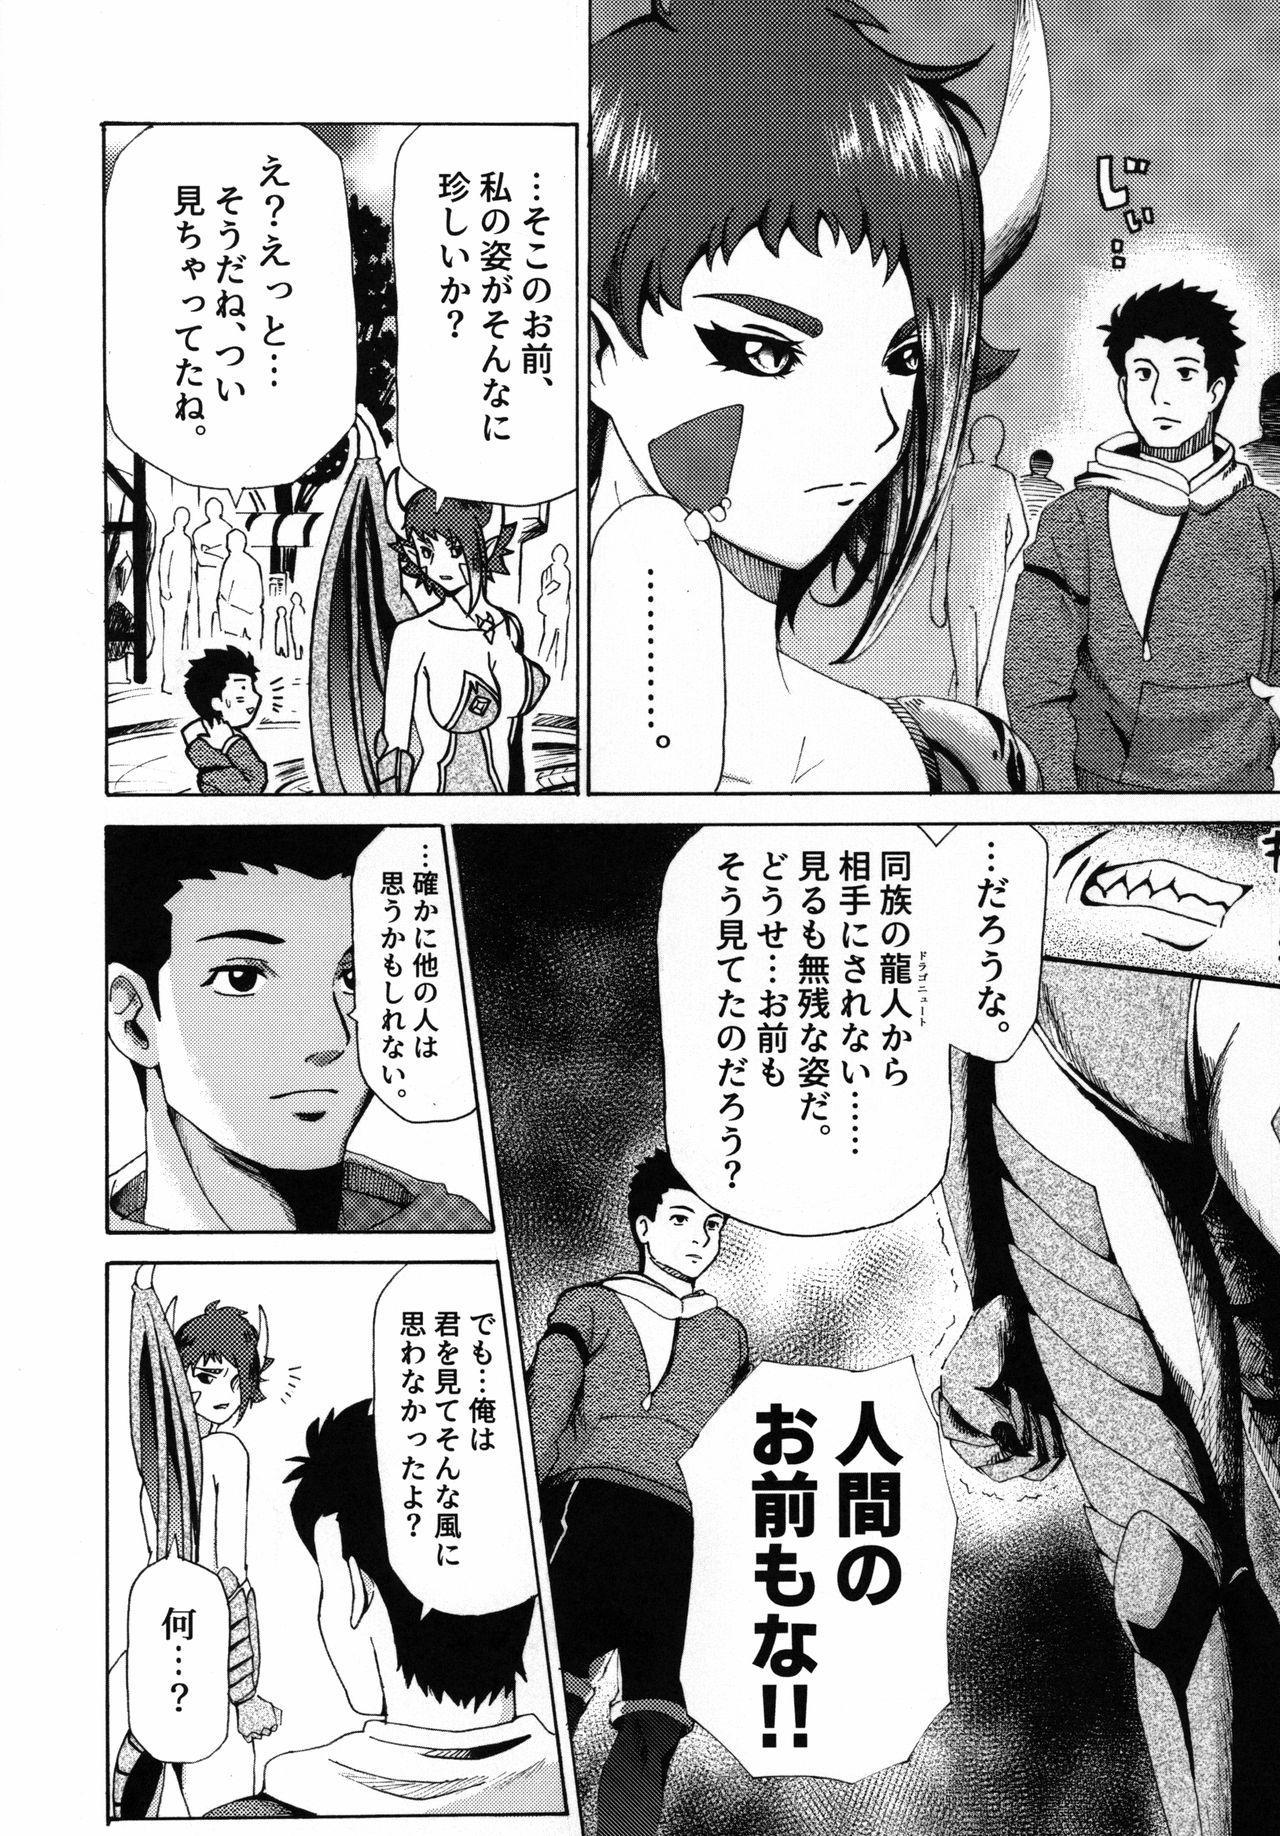 Uchuujin x Kyojo / Size-sa Goudoushi Reiwagou 96